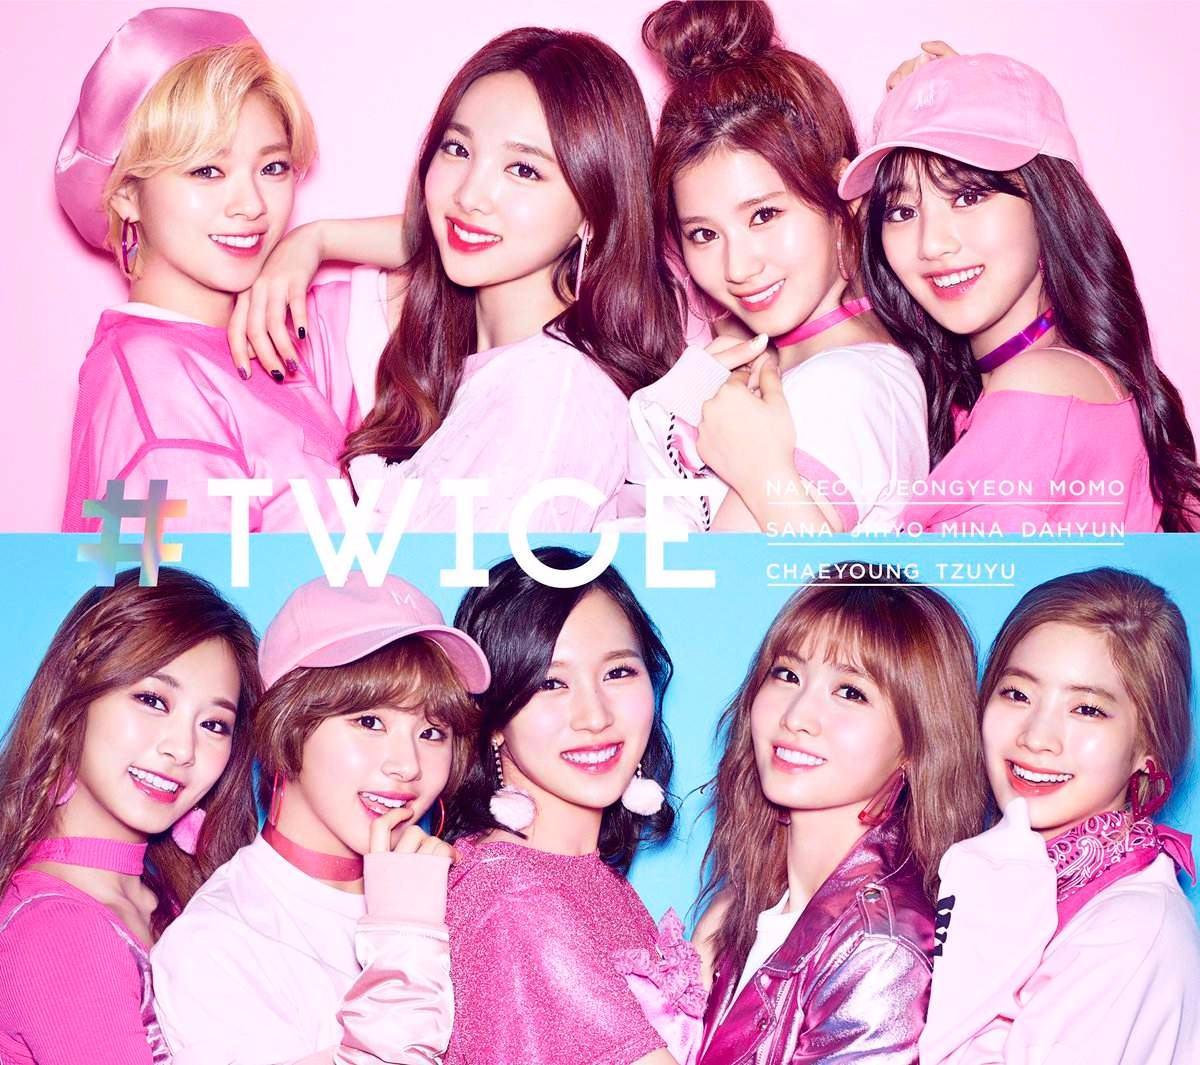 而和黑眼必勝合作之後,不僅打造出出道後最快奪下音樂節目冠軍的missA,就連TWICE的爆紅歌曲也全是出自黑眼必勝之手。就連TWICE出道之前也傳說是因為日韓政治事件延後成員出道,預備成員離開JYP後才決定推出《Sixteen》